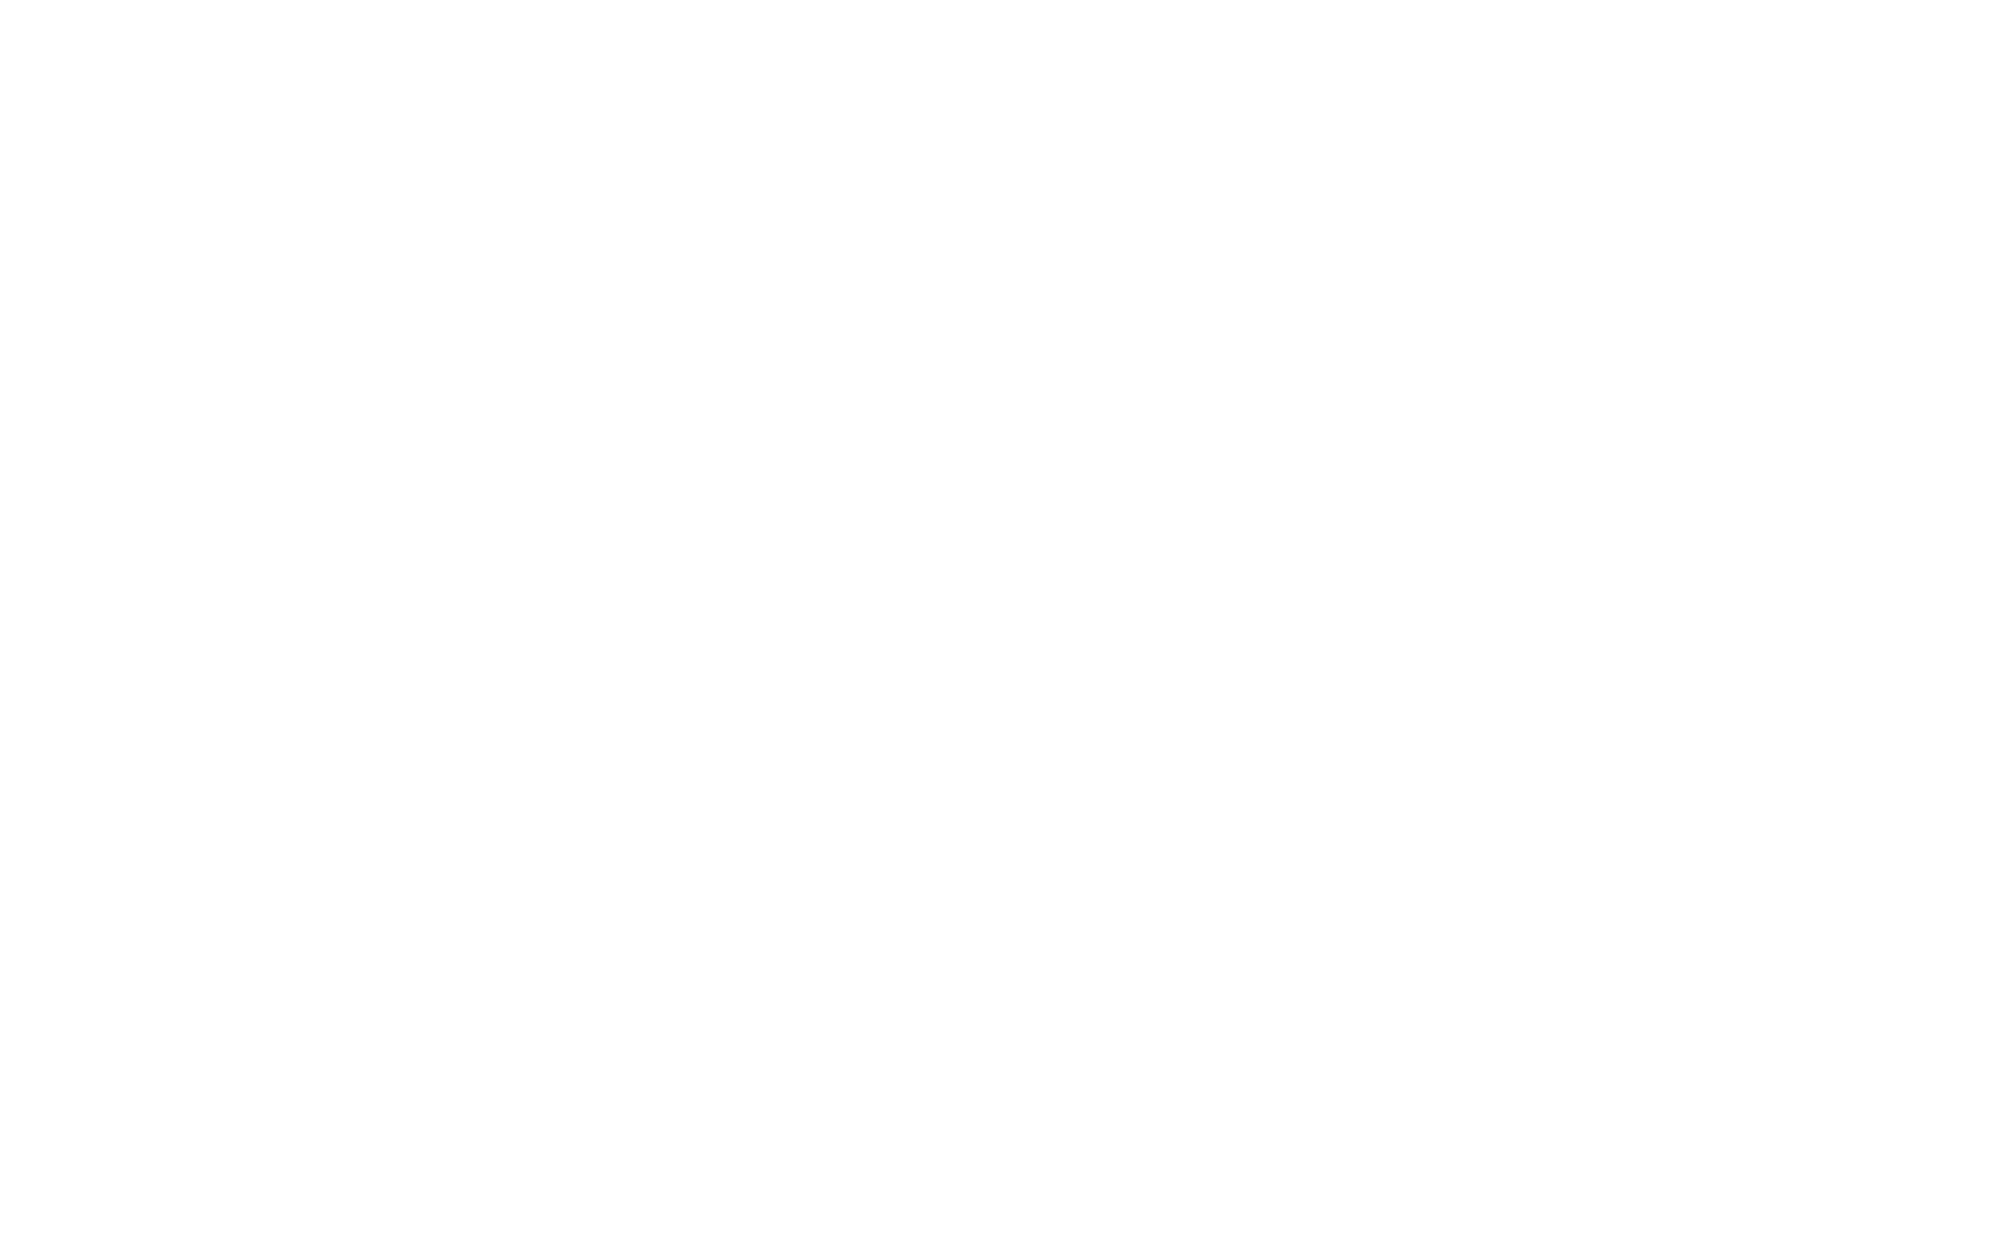 Coach and Horses Barnes